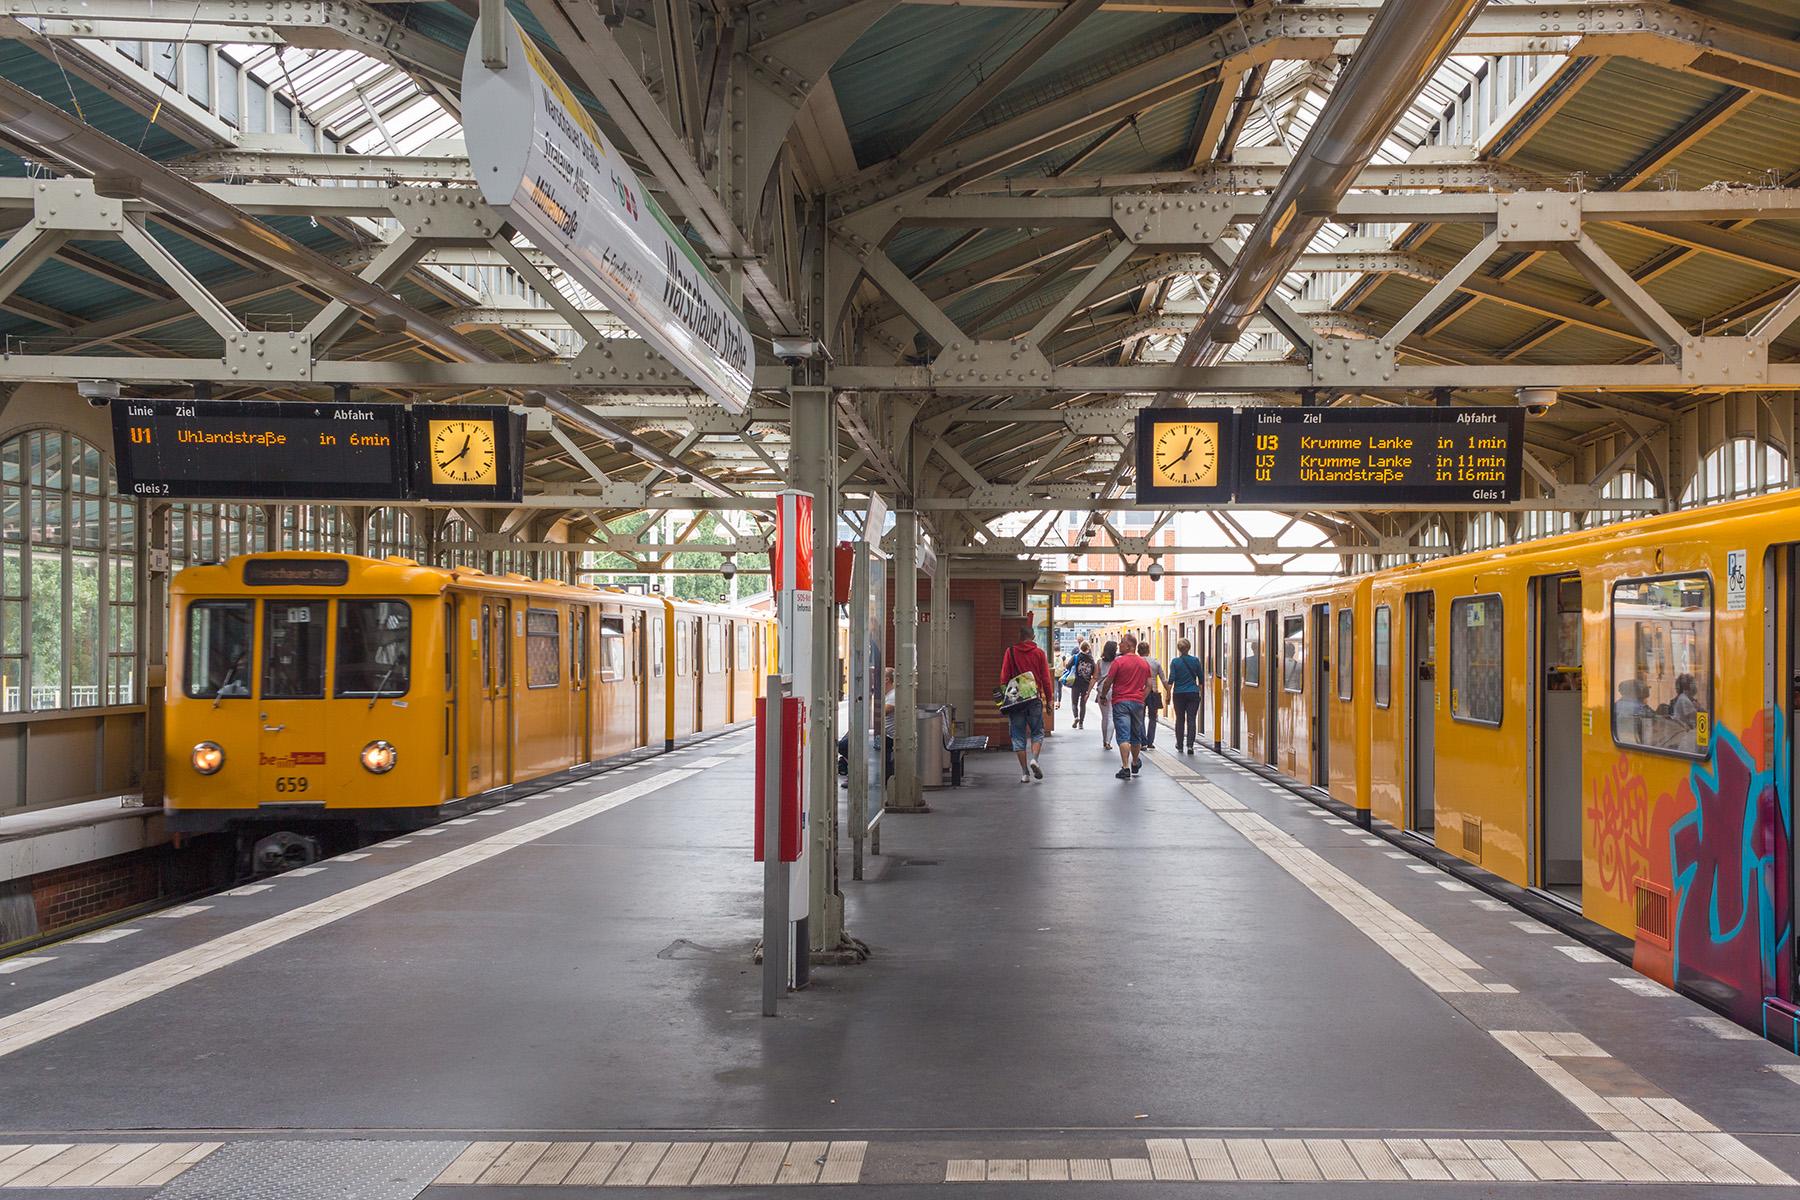 Warschauer Straße U-Bahn station in Berlin